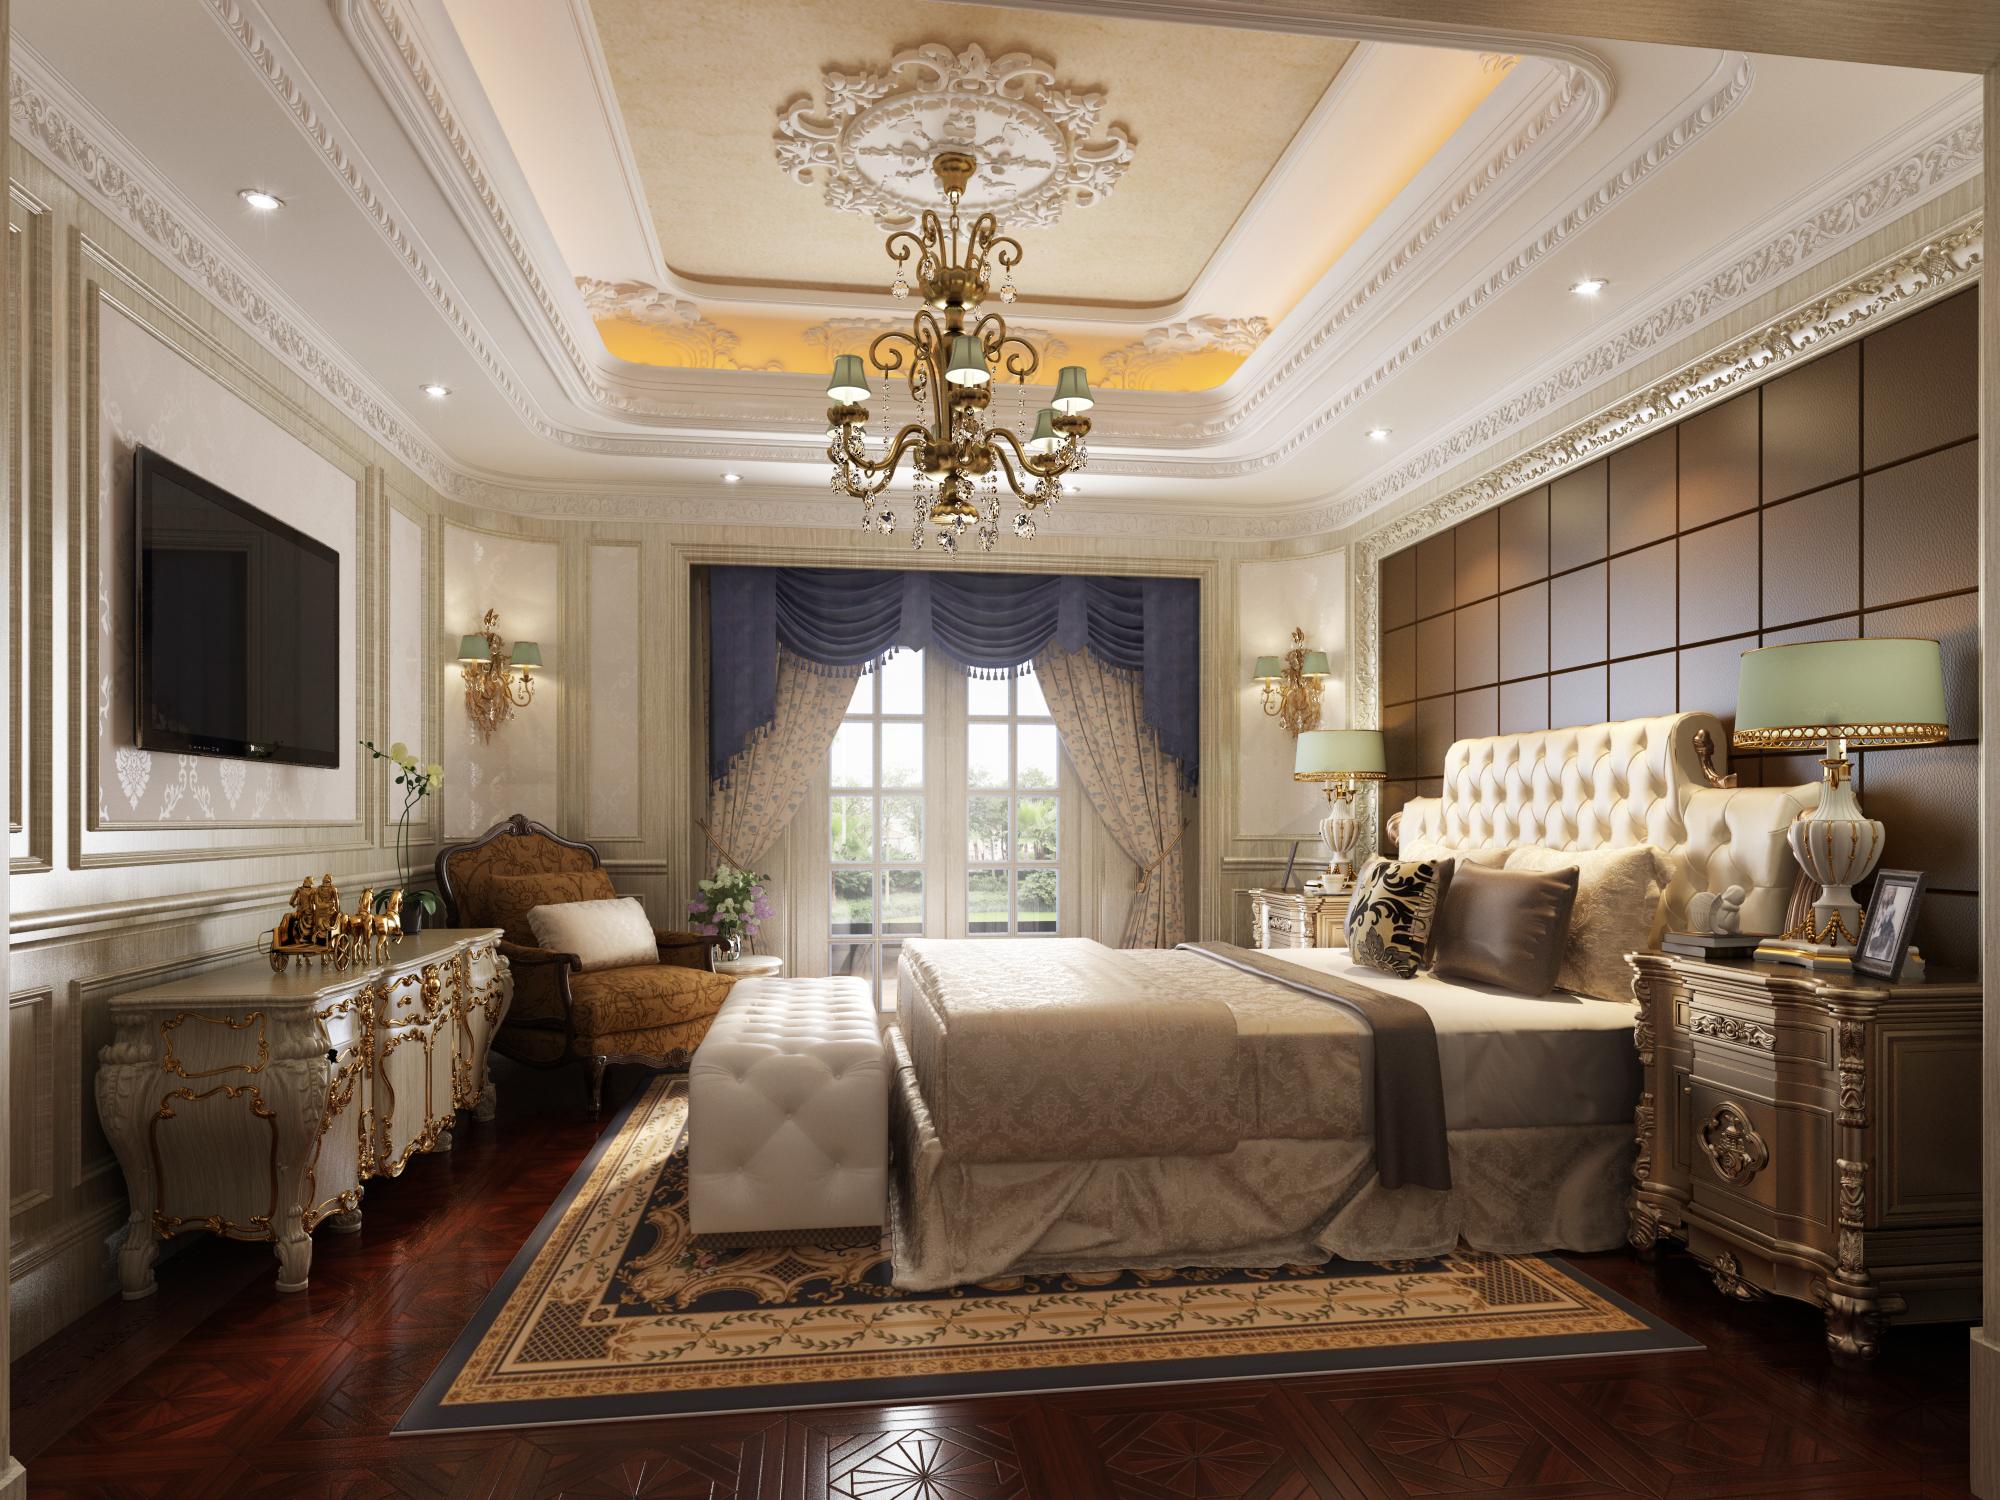 卧室角度1修改副本.jpg